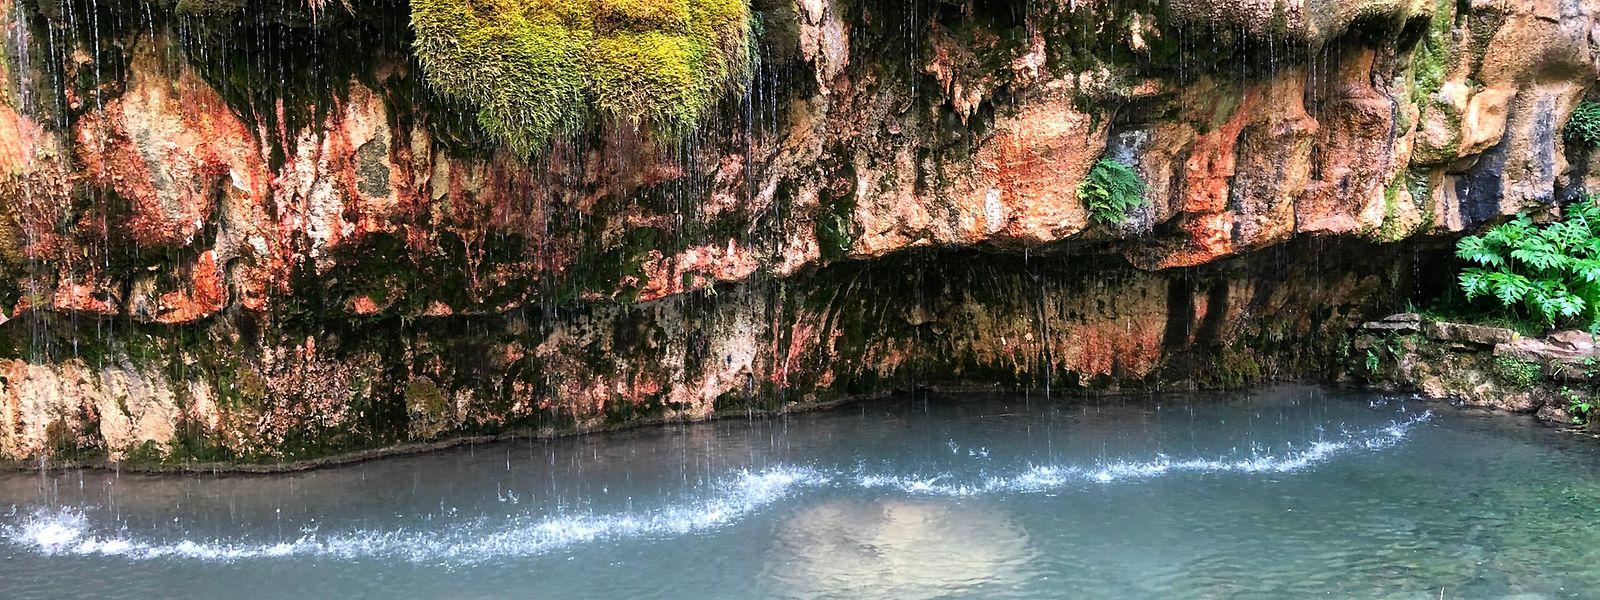 An dem mit Moos bewachsenen Felsvorsprung fließt glasklares, kalkhaltiges Wasser in das türkisfarben schimmernde Becken.